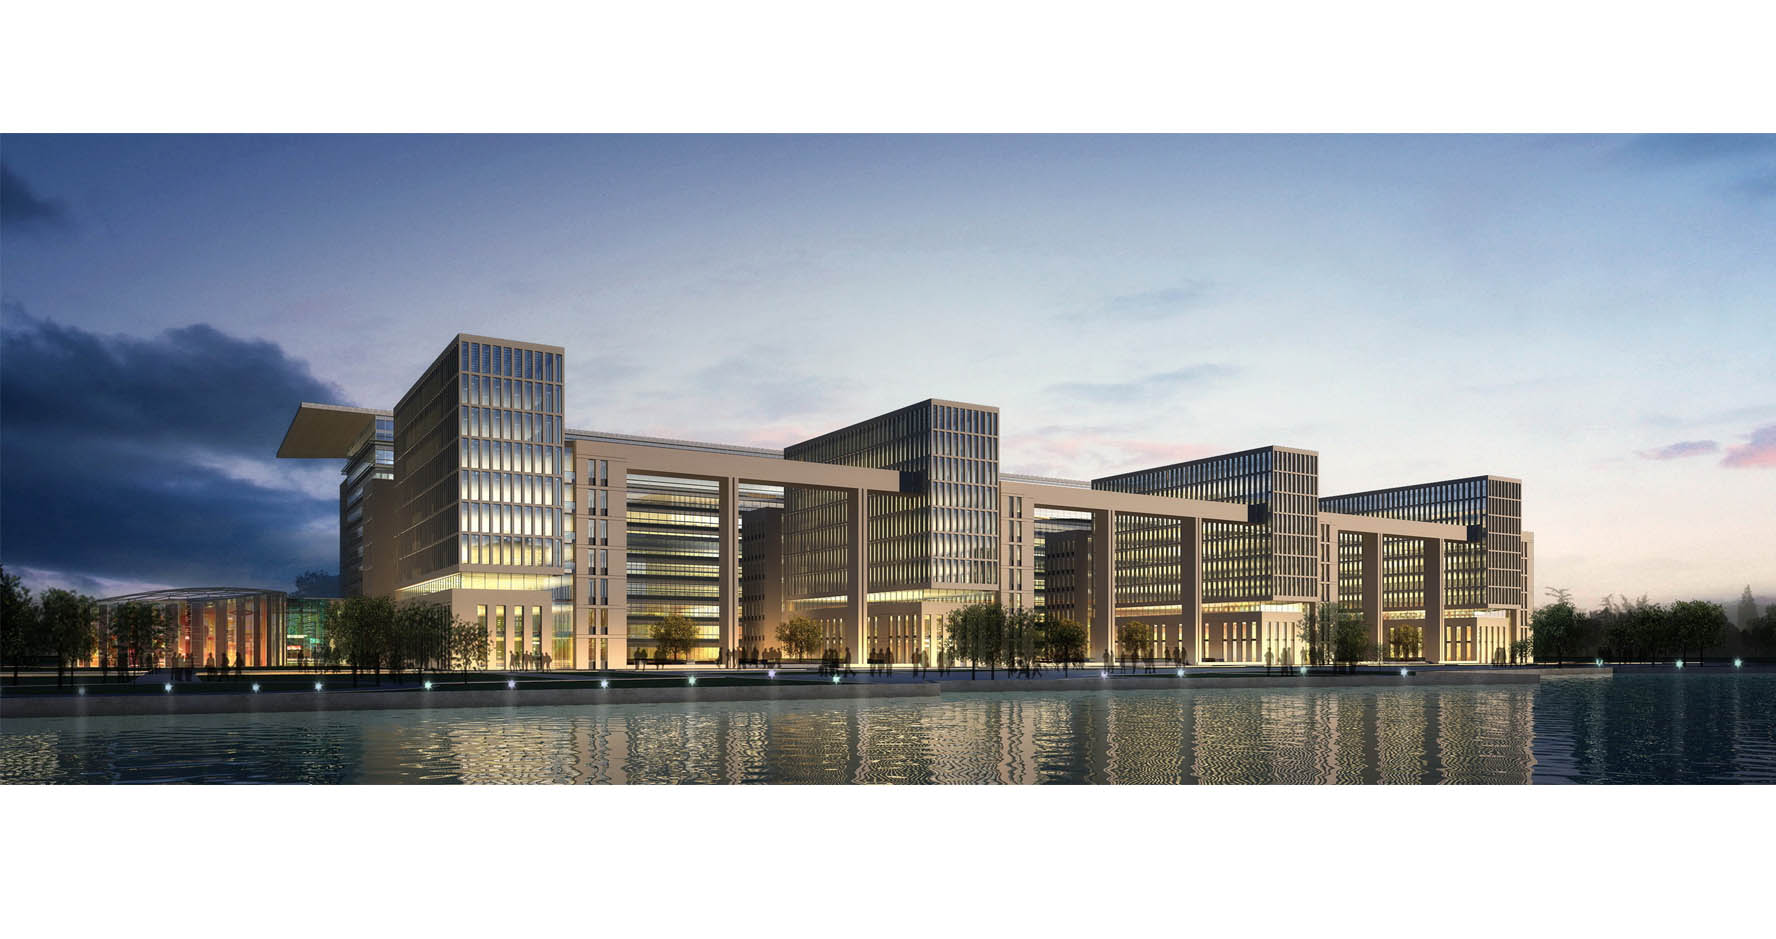 天津人力资源_通州新城行政办公楼 - 北京市住宅建筑设计研究院有限公司